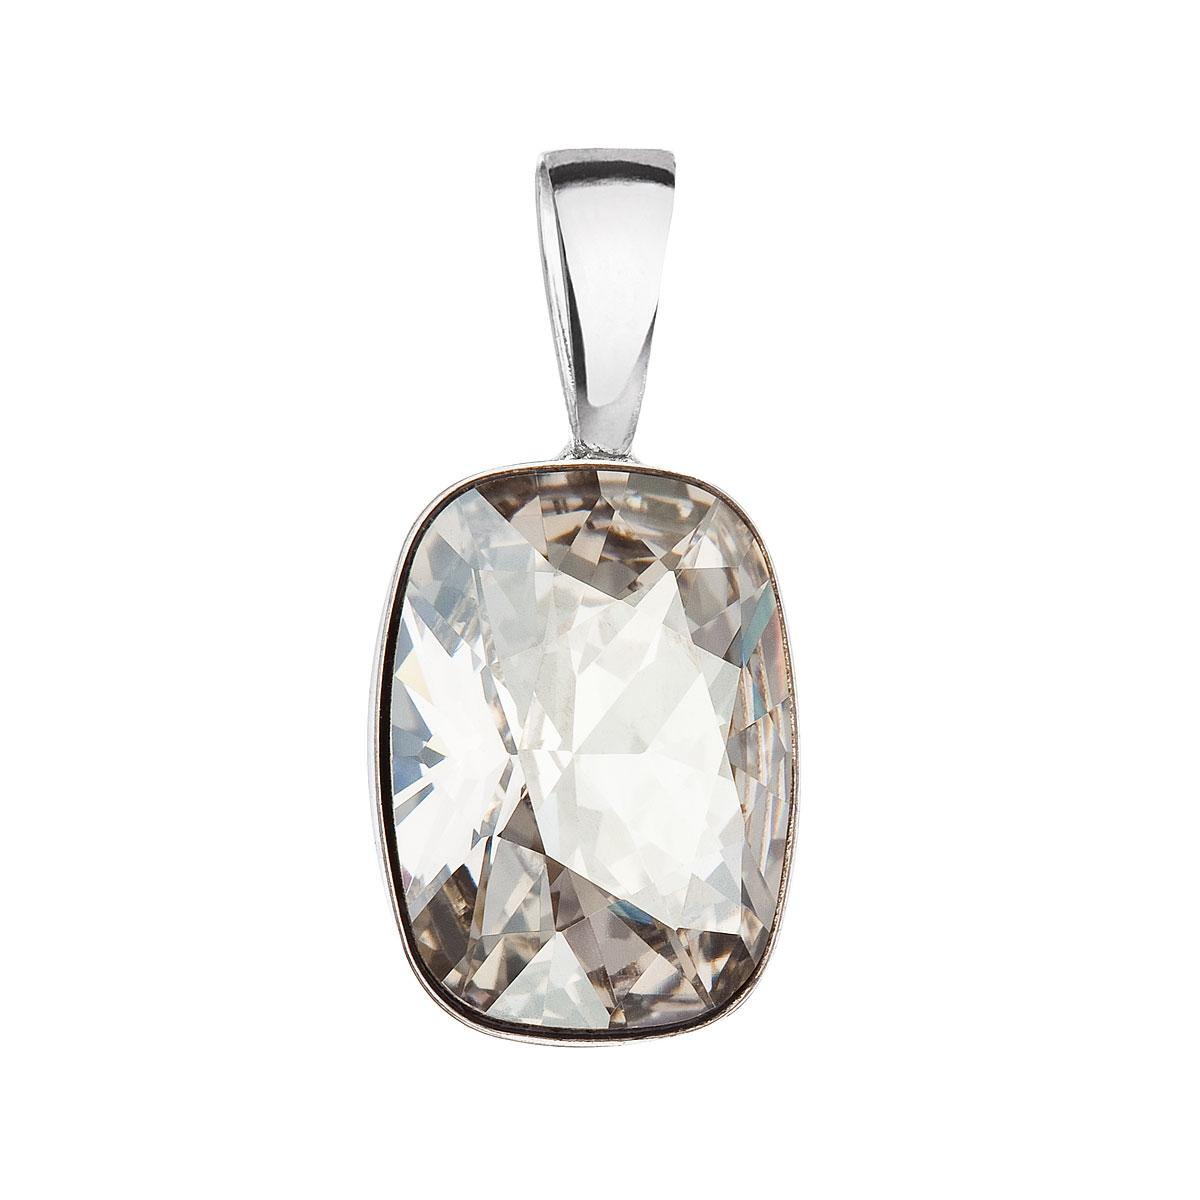 Evolution Group Stříbrný přívěsek s krystaly Swarovski šedý obdélník 34244.5 silver shade